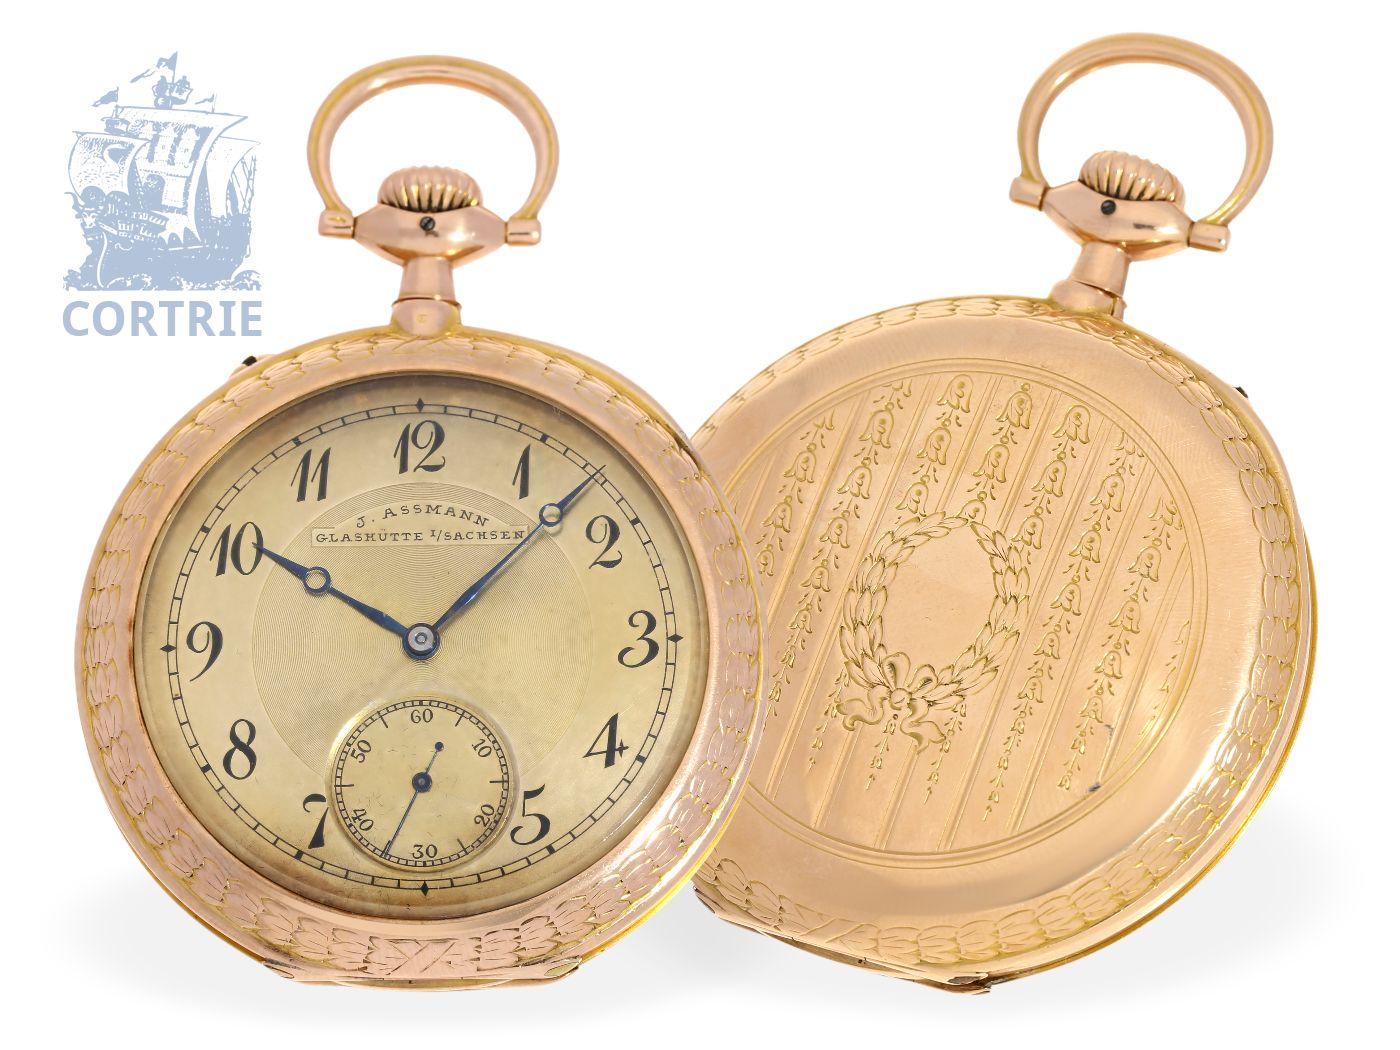 Pocket watch: big Glashütte precision watch with unusual case, Julius Assmann Glashütte ca. 1920-